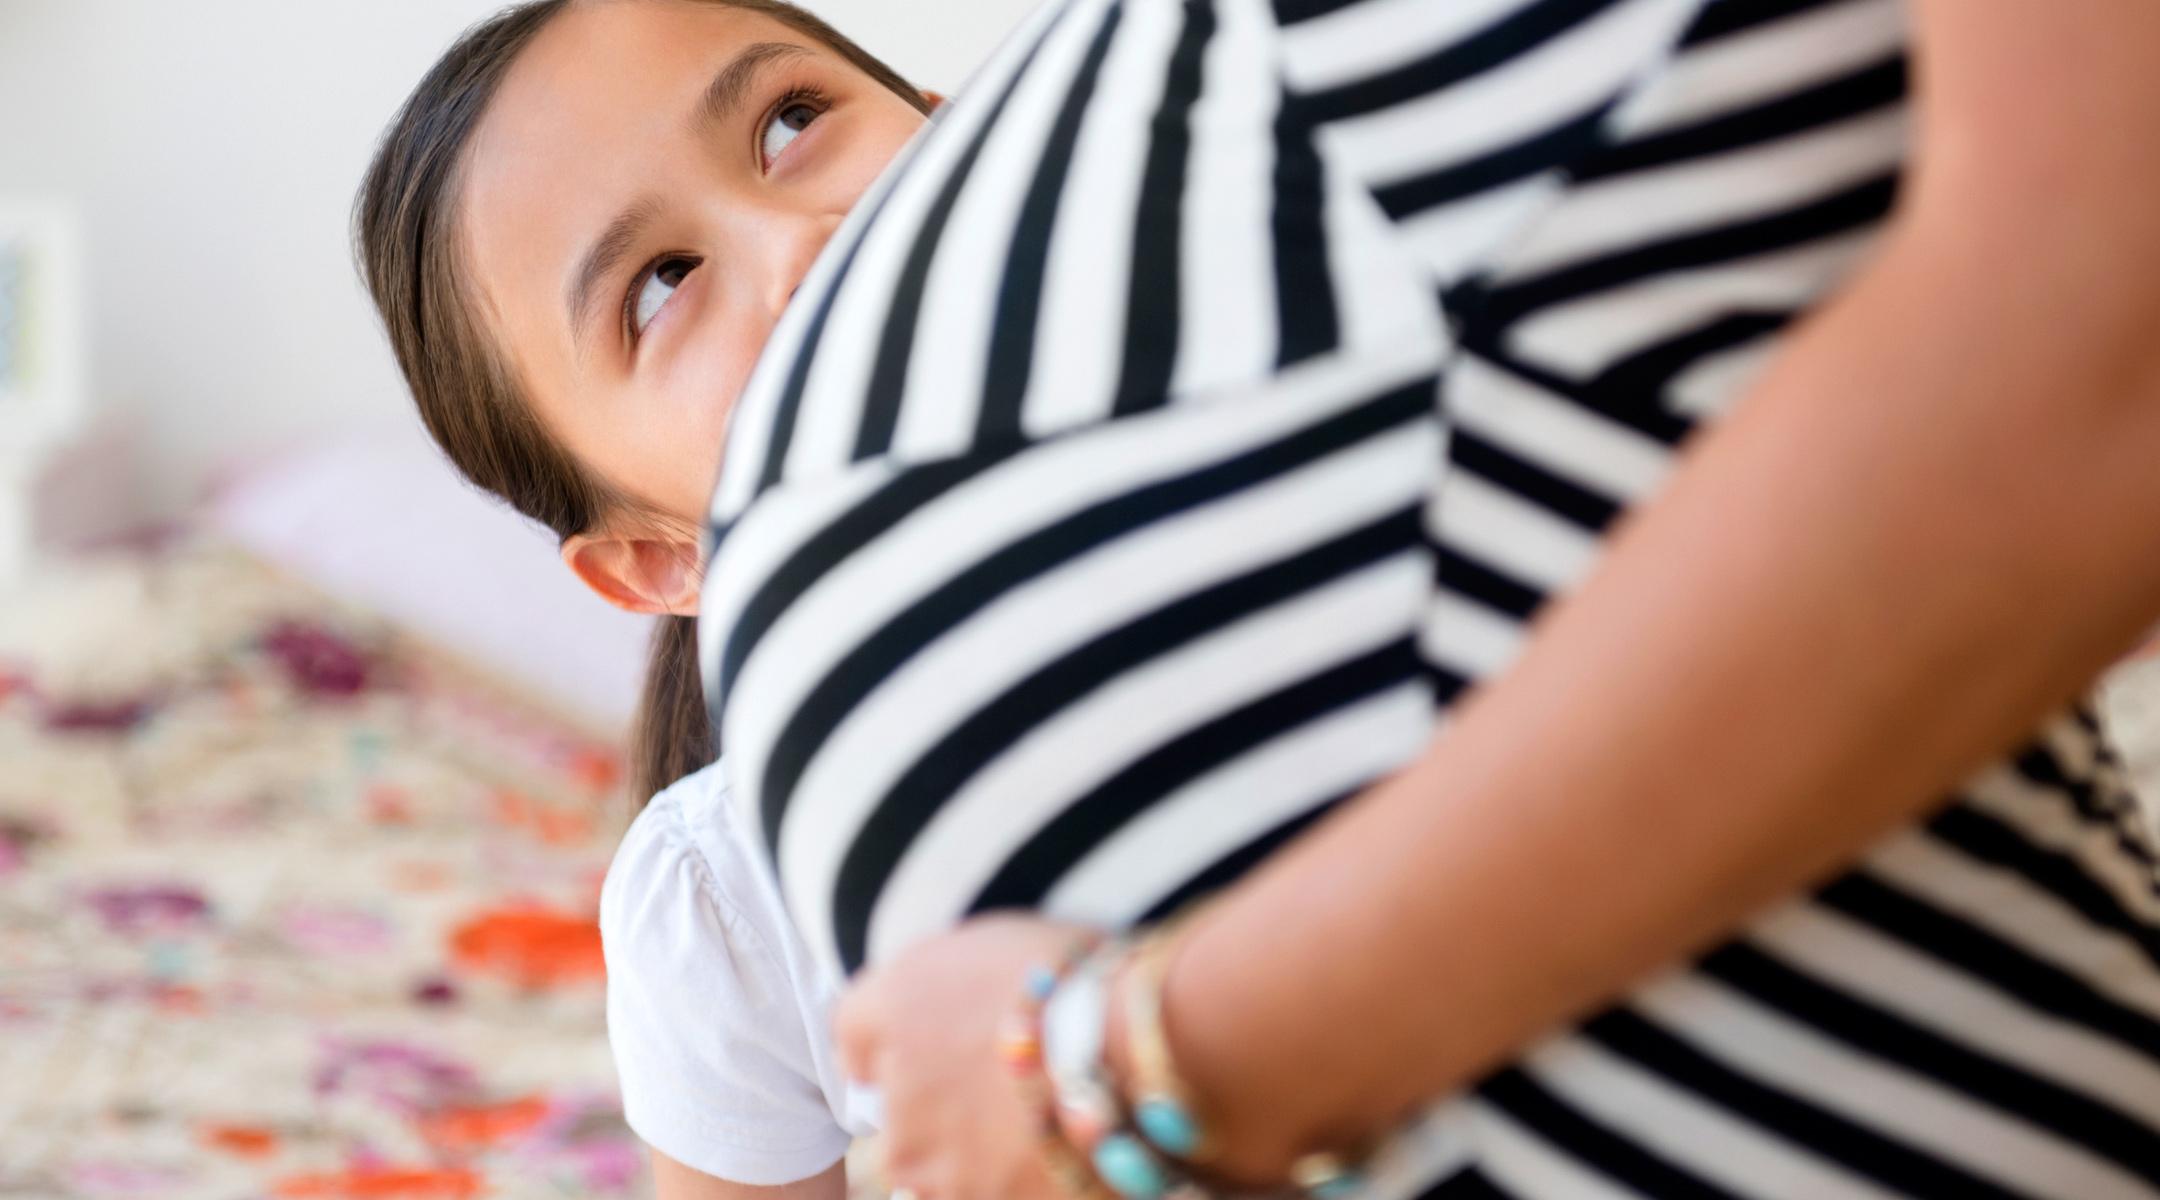 Early Pregnancy Symptoms That Suck